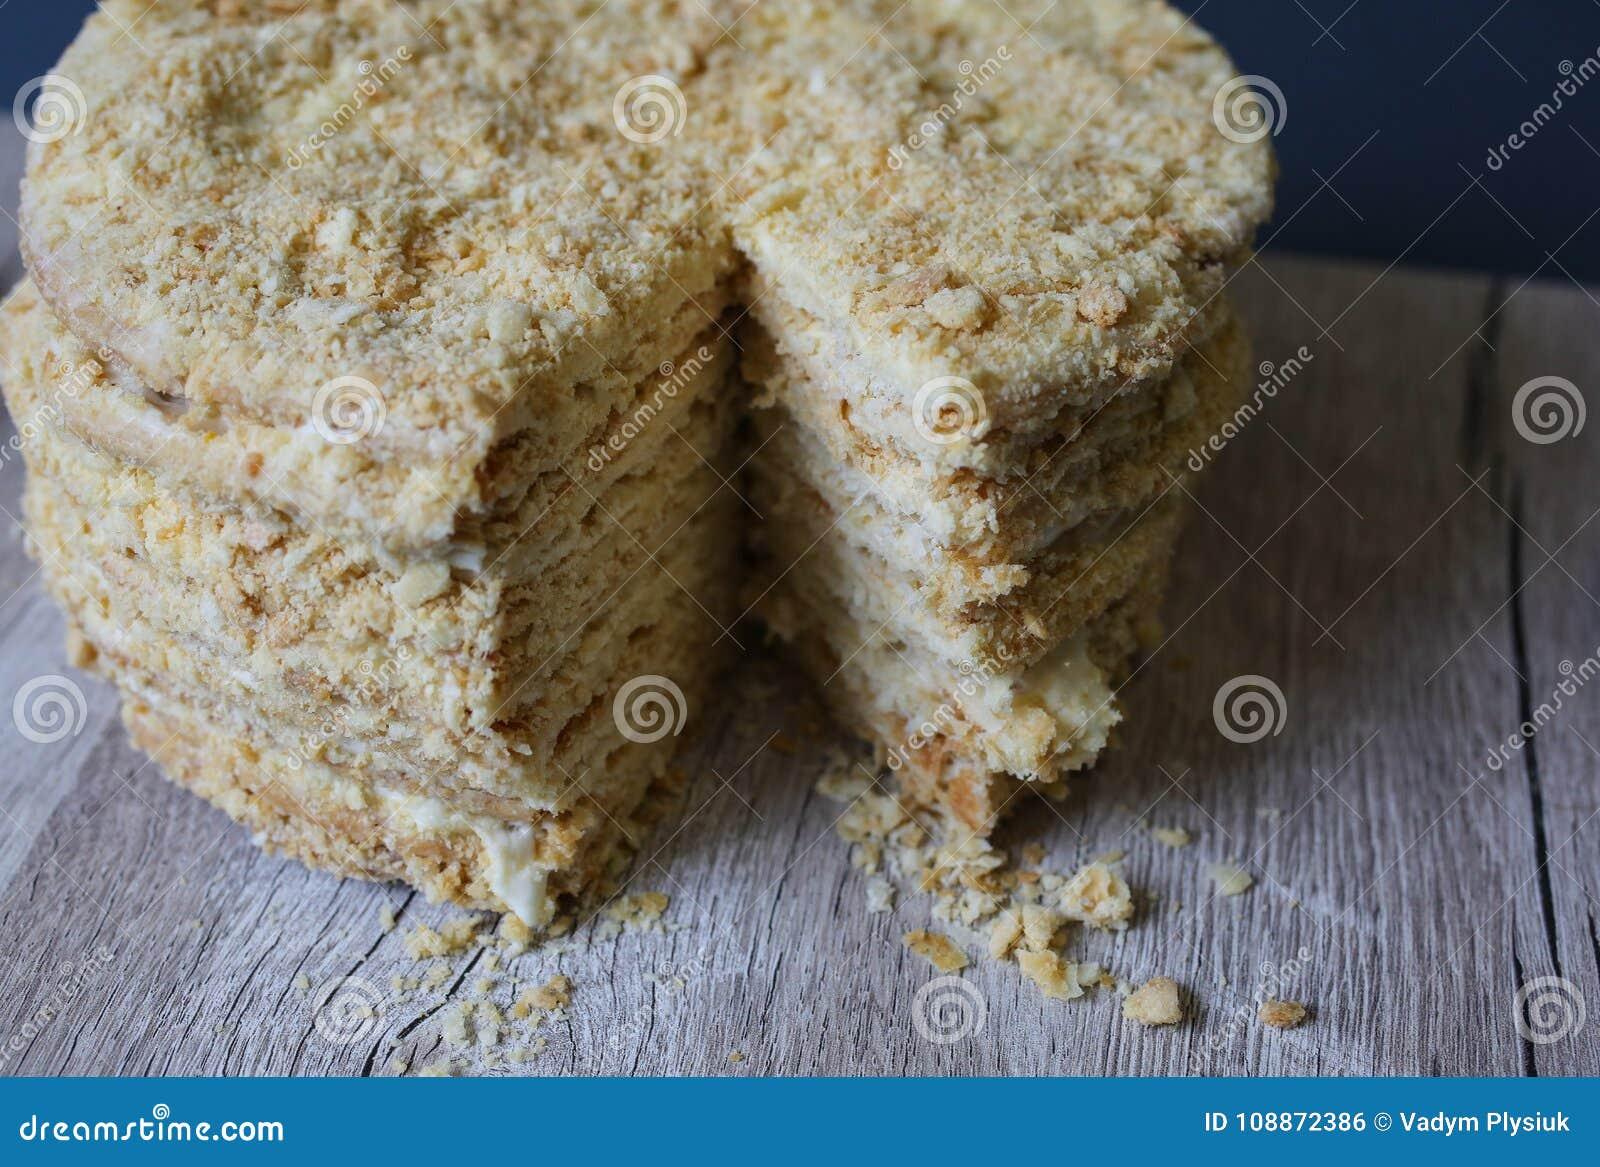 Russischer Art Mille Feuille Napoleon Kuchen Blatterteig Auf